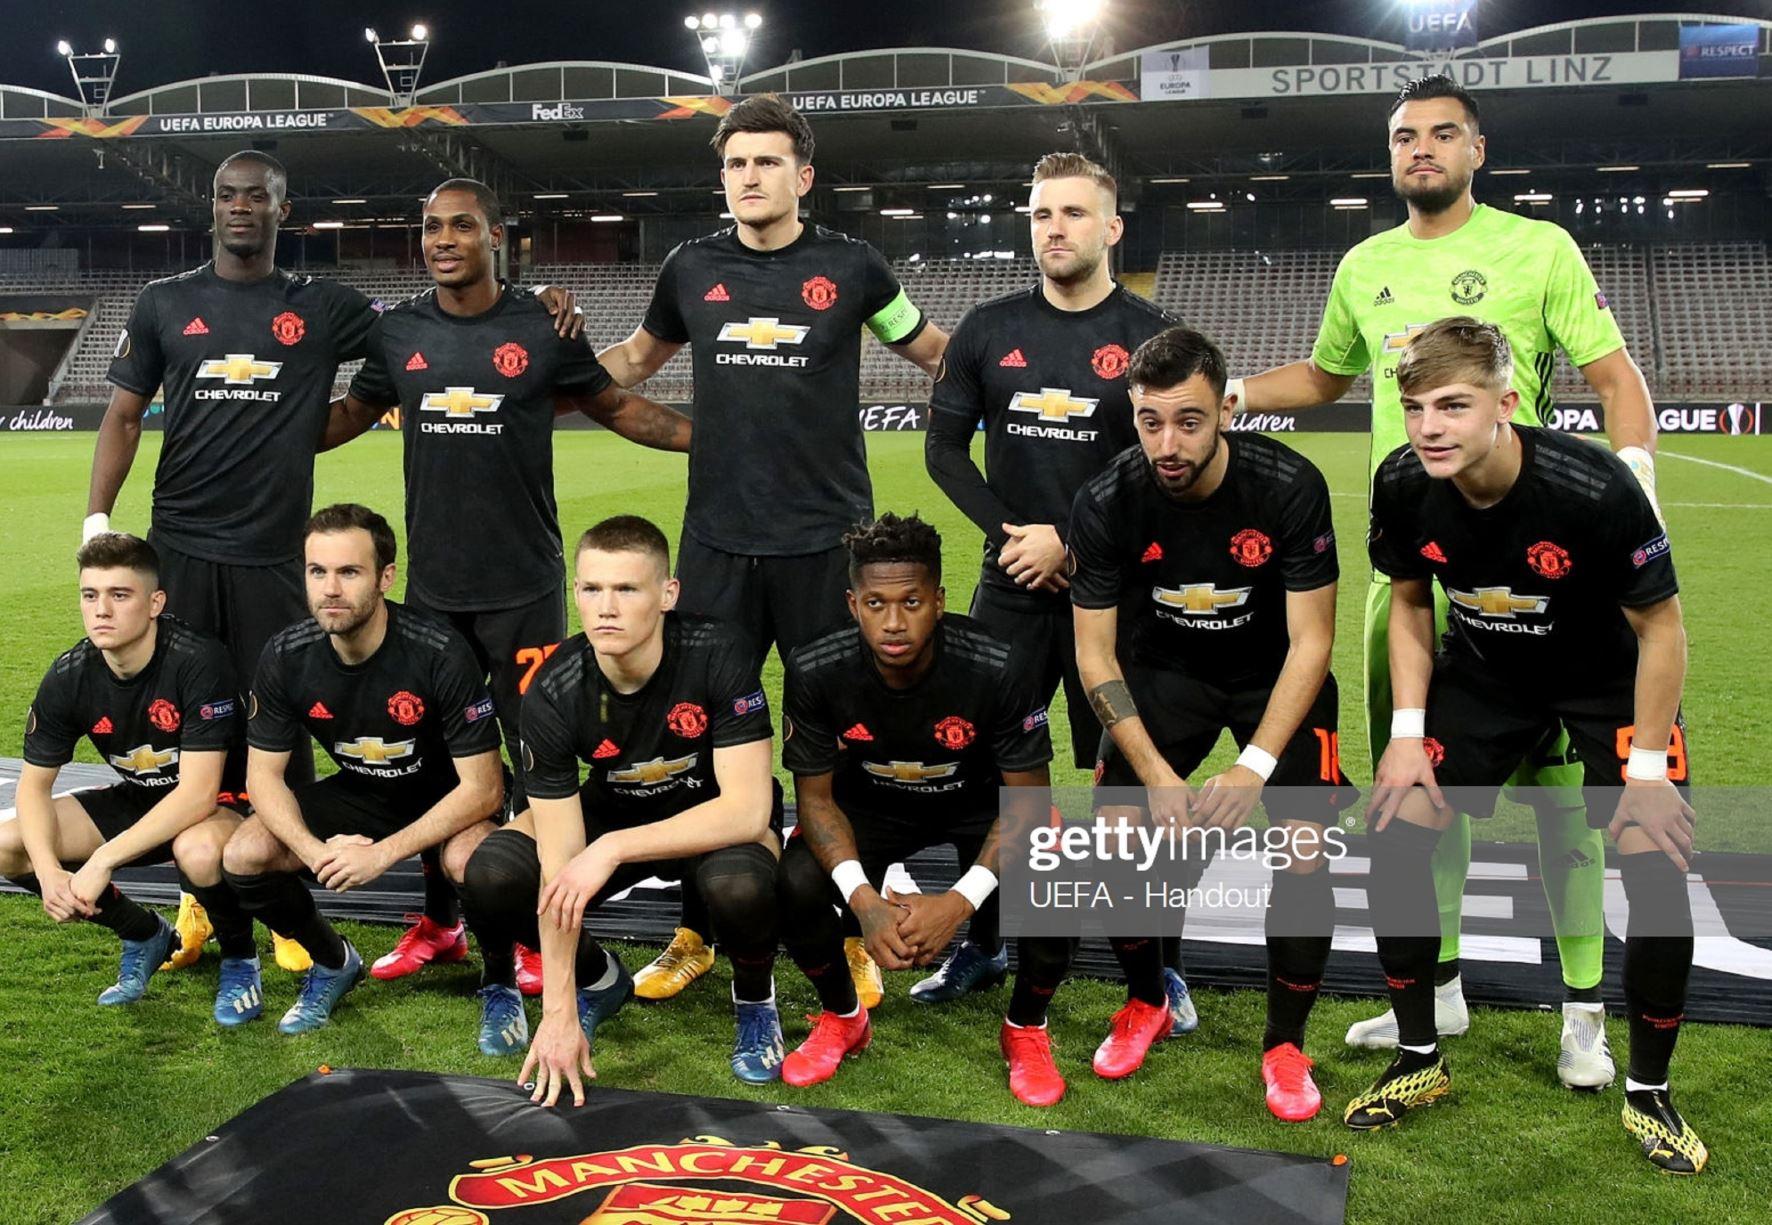 ЛАСК (Австрия) - Манчестер Юнайтед (Англия) 0:5. Нажмите, чтобы посмотреть истинный размер рисунка